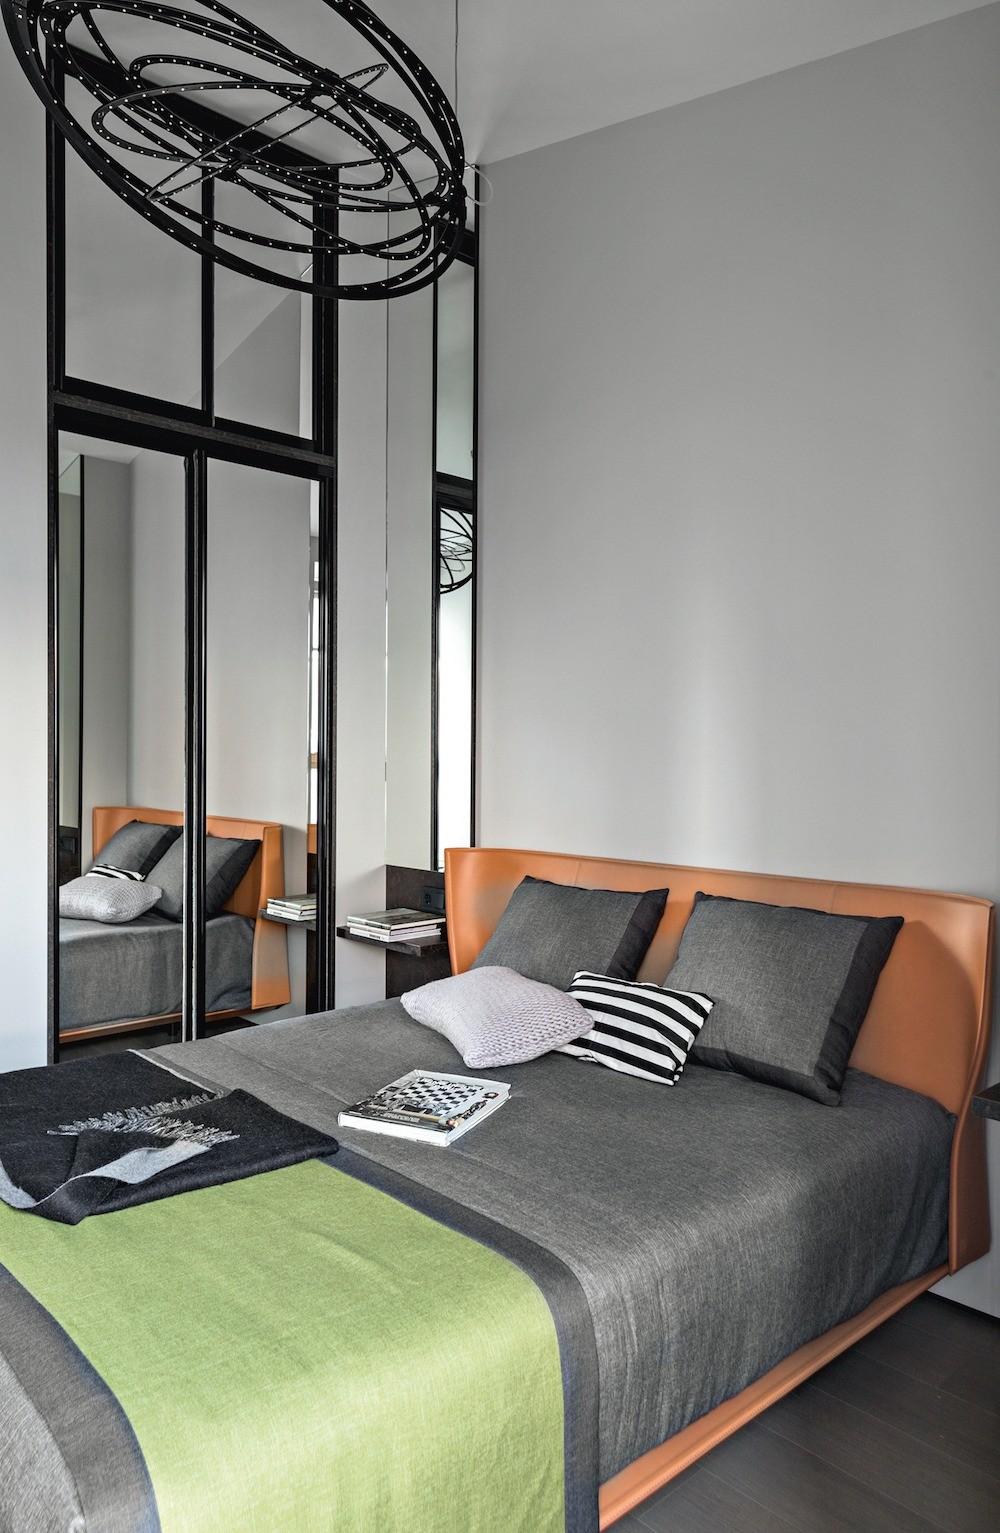 Небольшую спальню оптически расширили зеркальные двери встроенного шкафа, а оригинальным дополнением кигре отражений стало узкое зеркало надприкроватной тумбочкой.